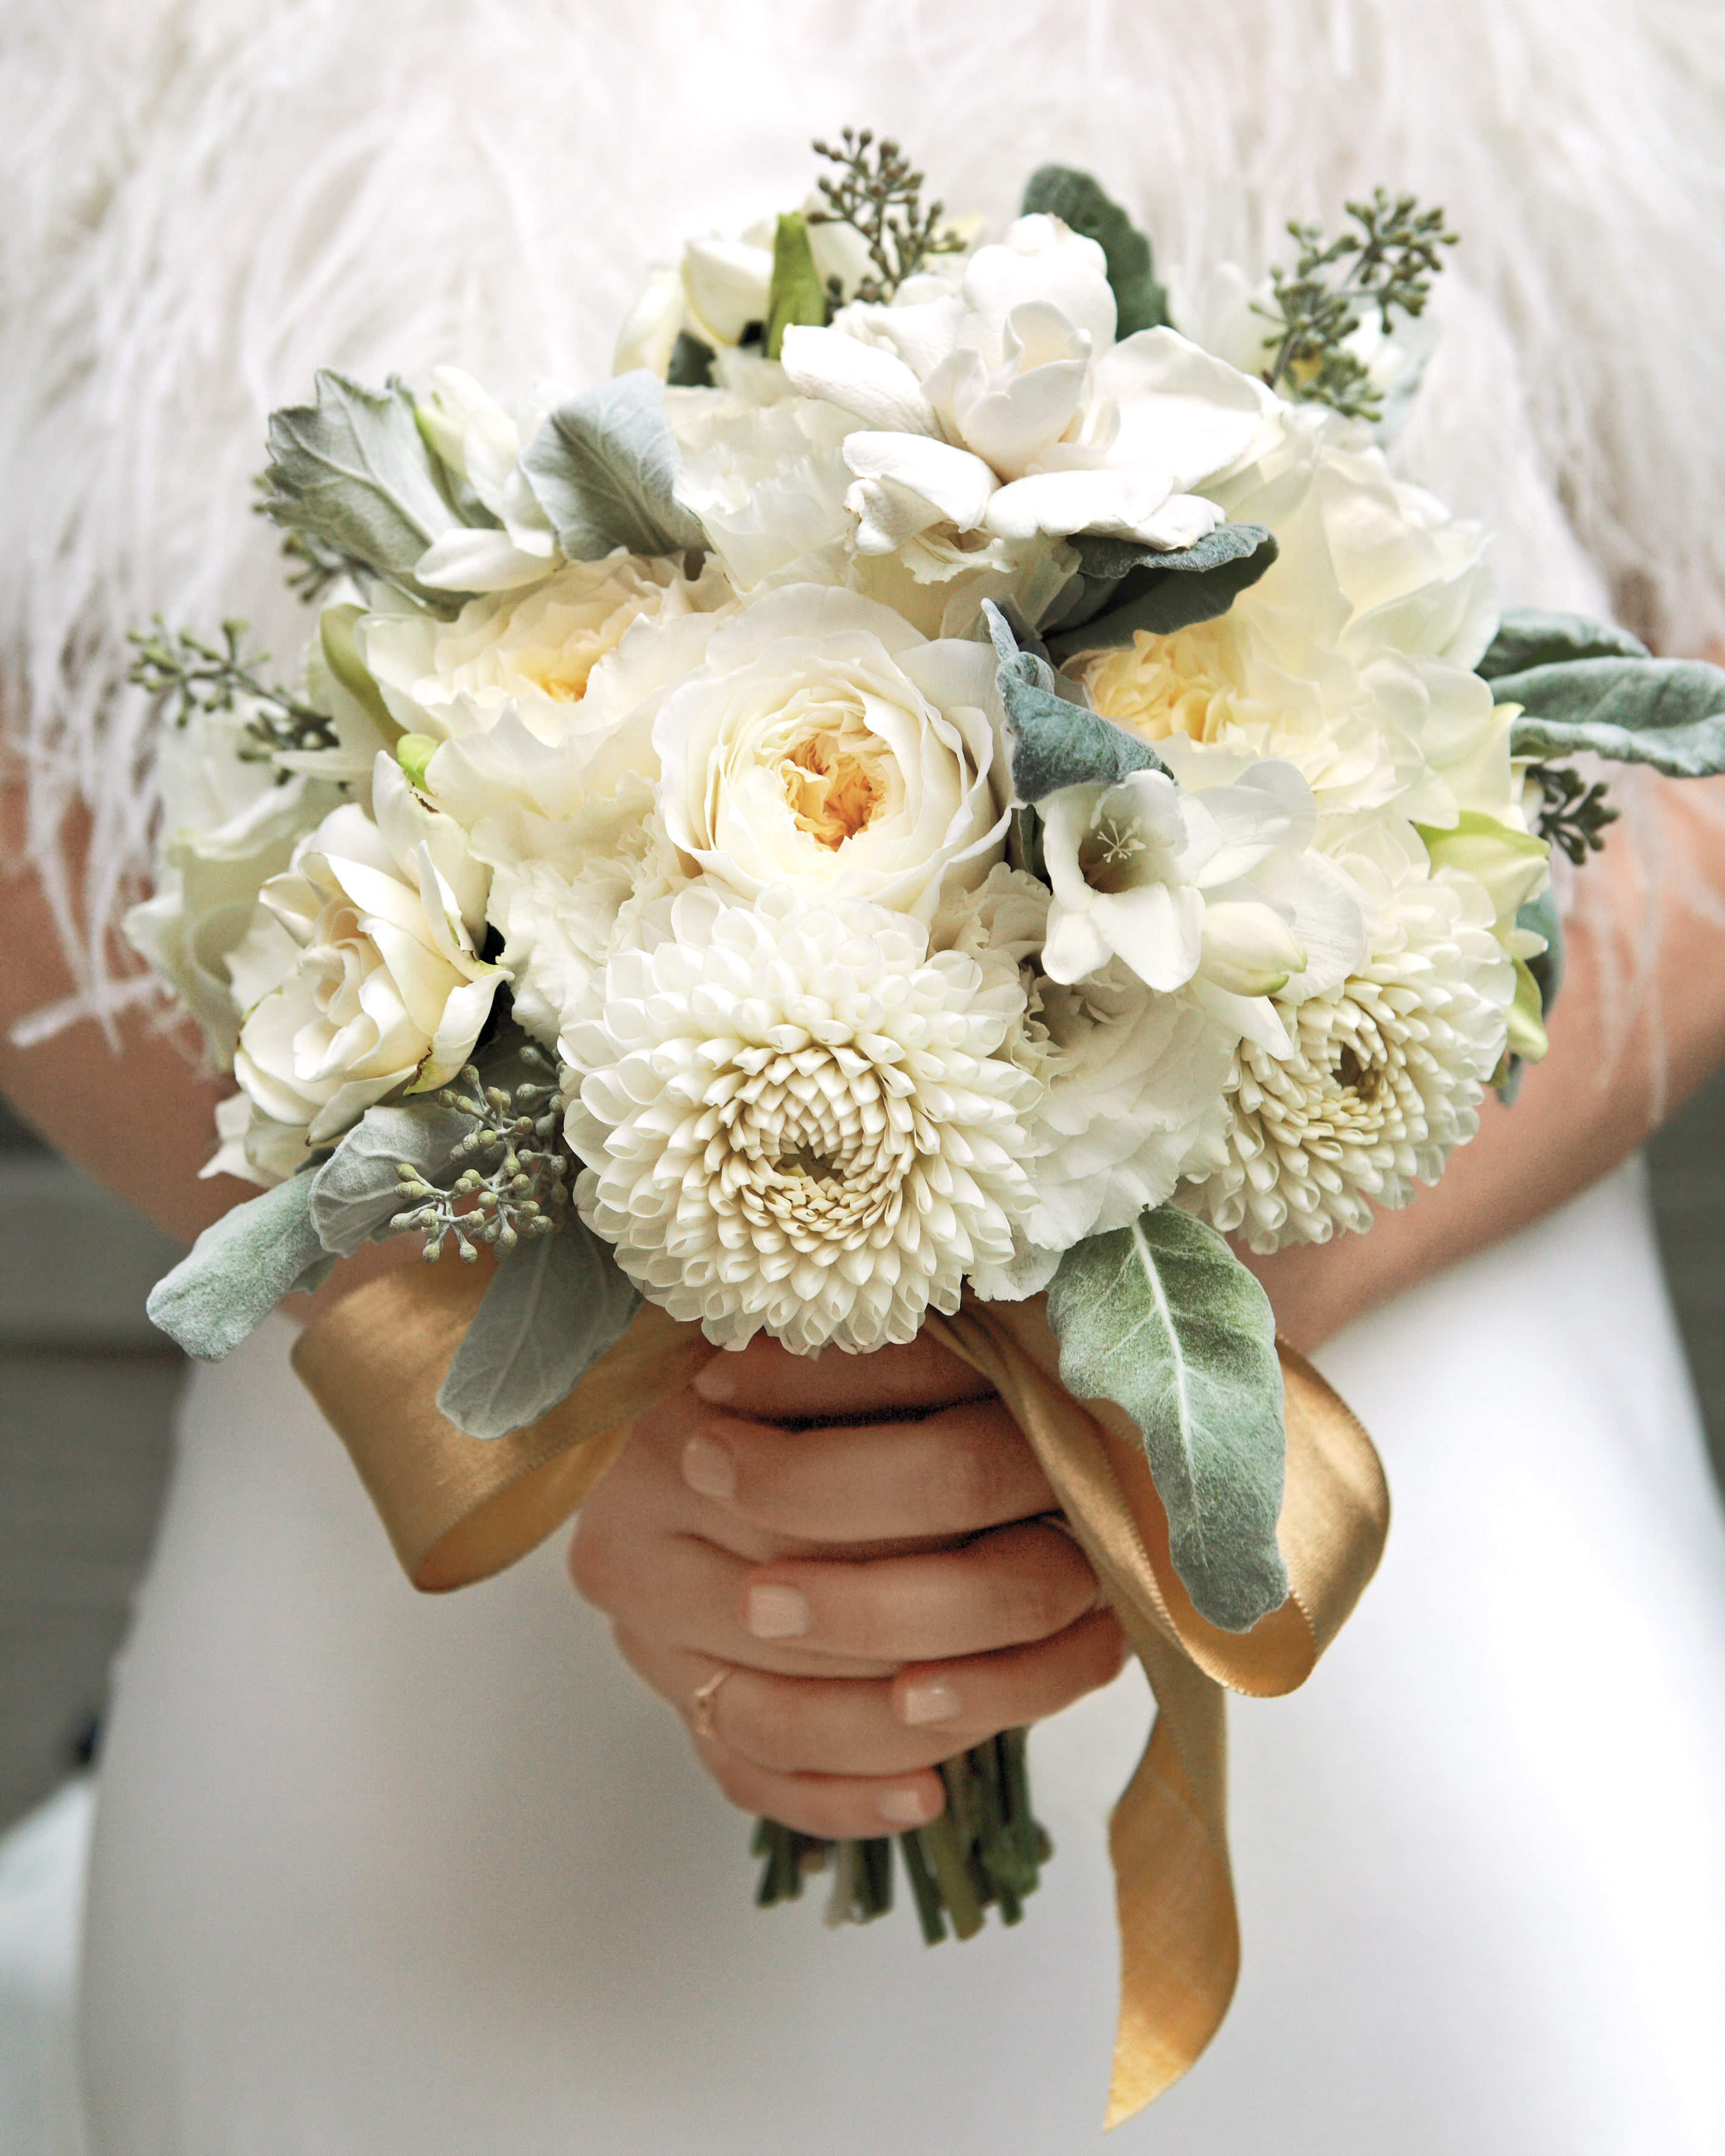 megan-david-bouquet-mwd109358.jpg